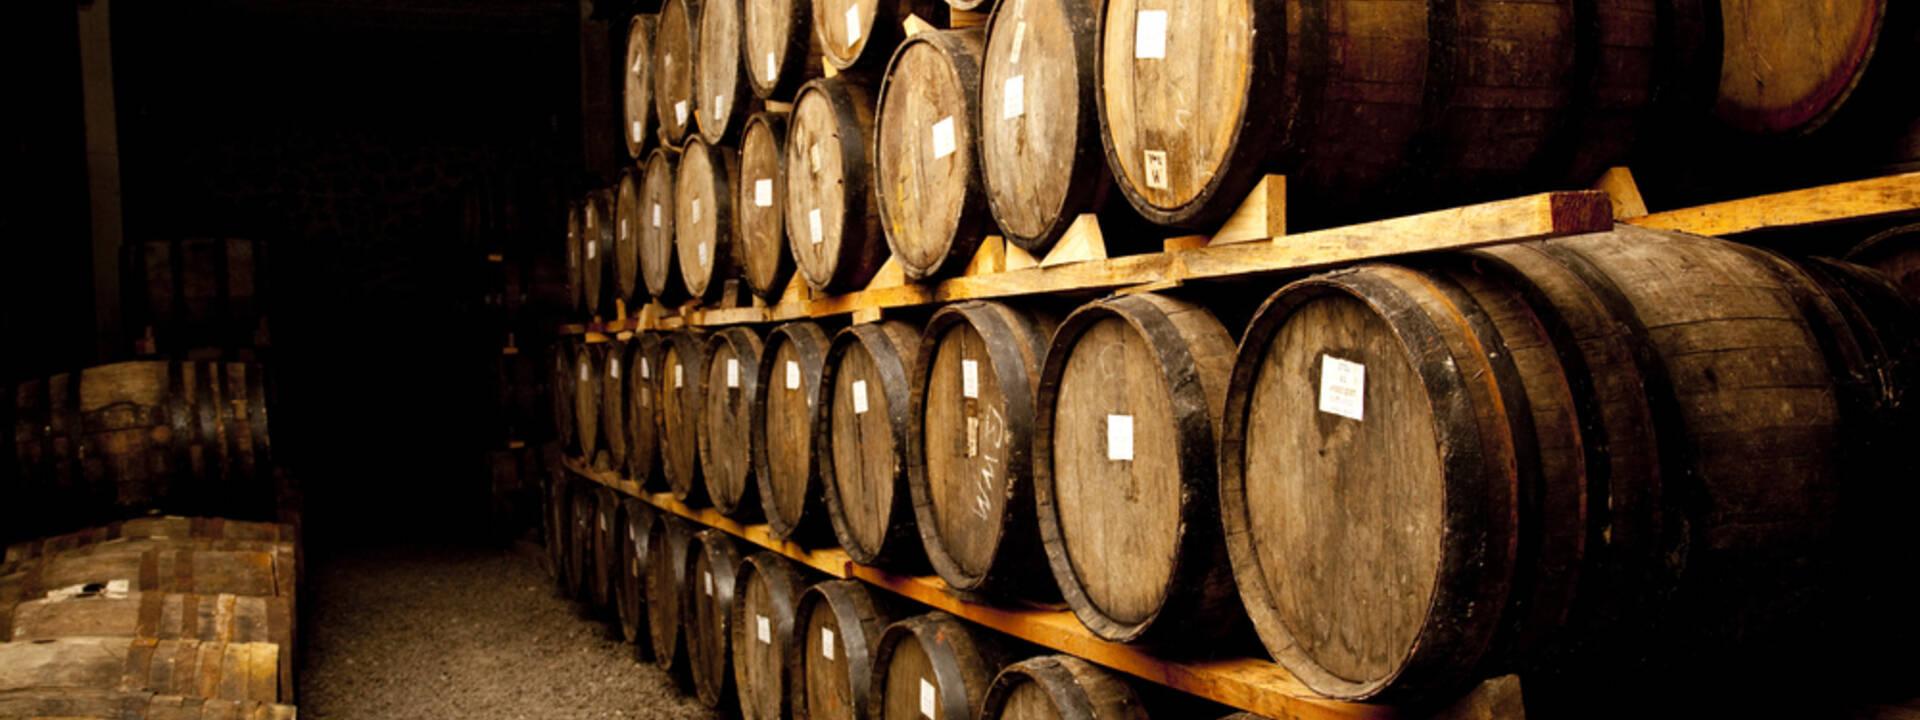 L'intérieur d'un chai de cognac - ©Shutterstock